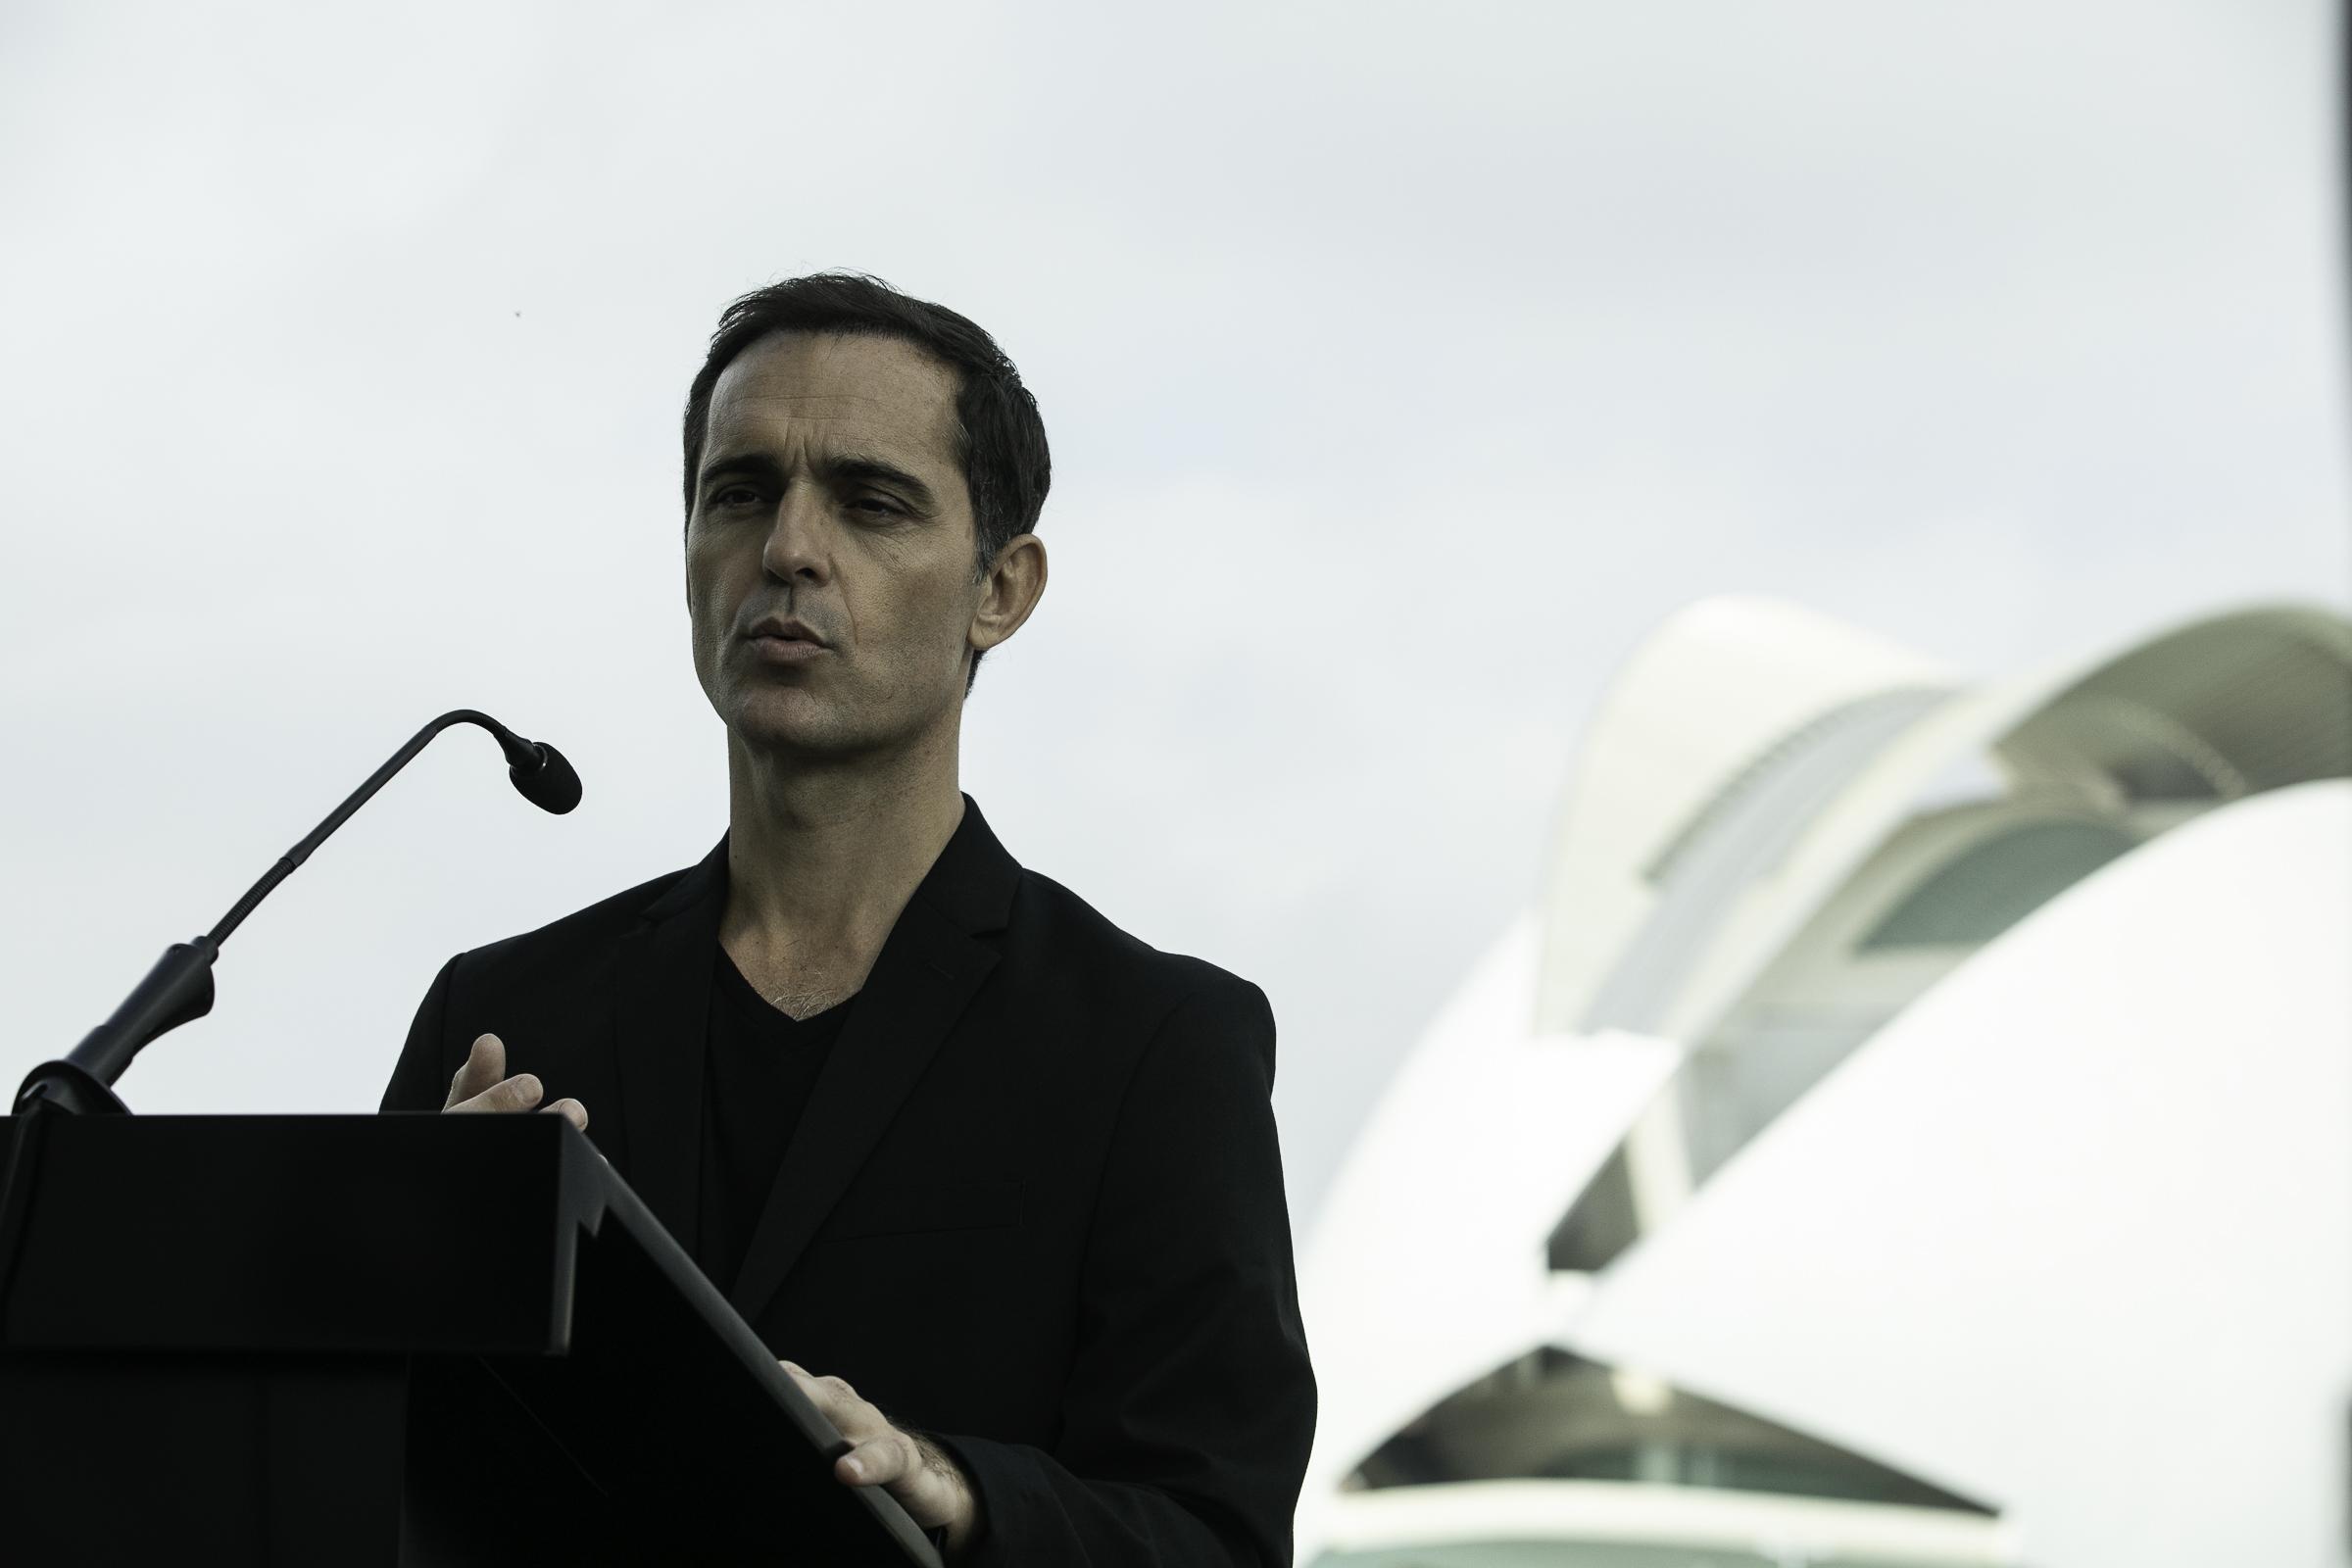 El Festival de Cine de Sevilla, a las puertas de otra apasionante edición